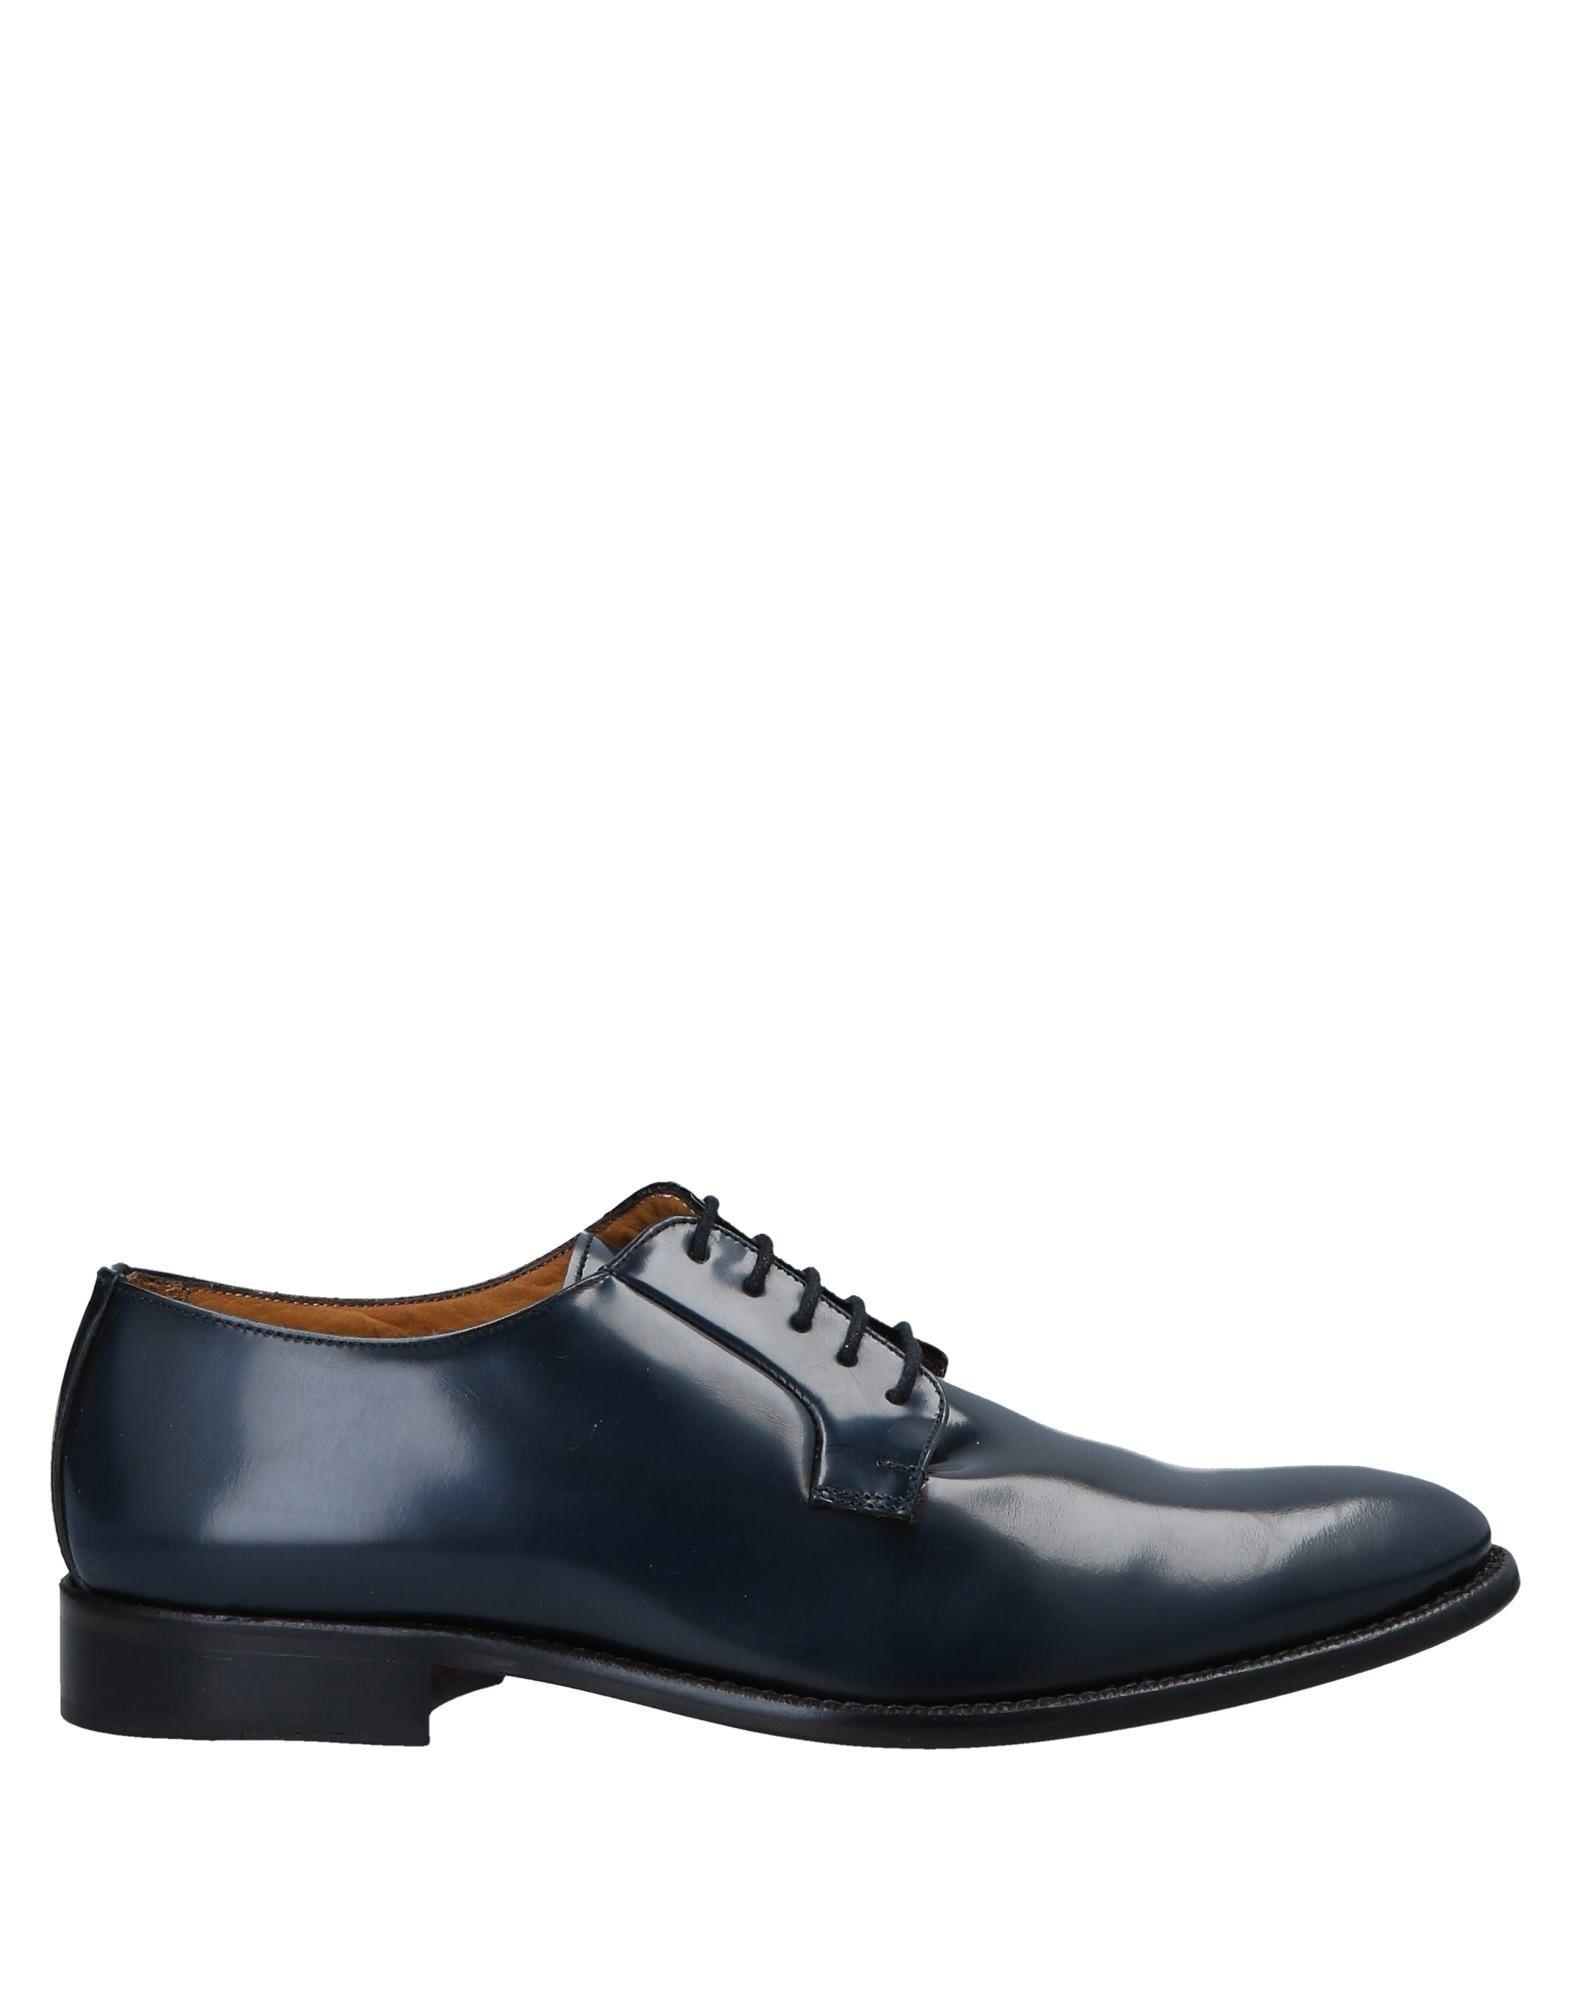 Rabatt echte Schuhe Antica Cuoieria Schnürschuhe Herren  11547161MO